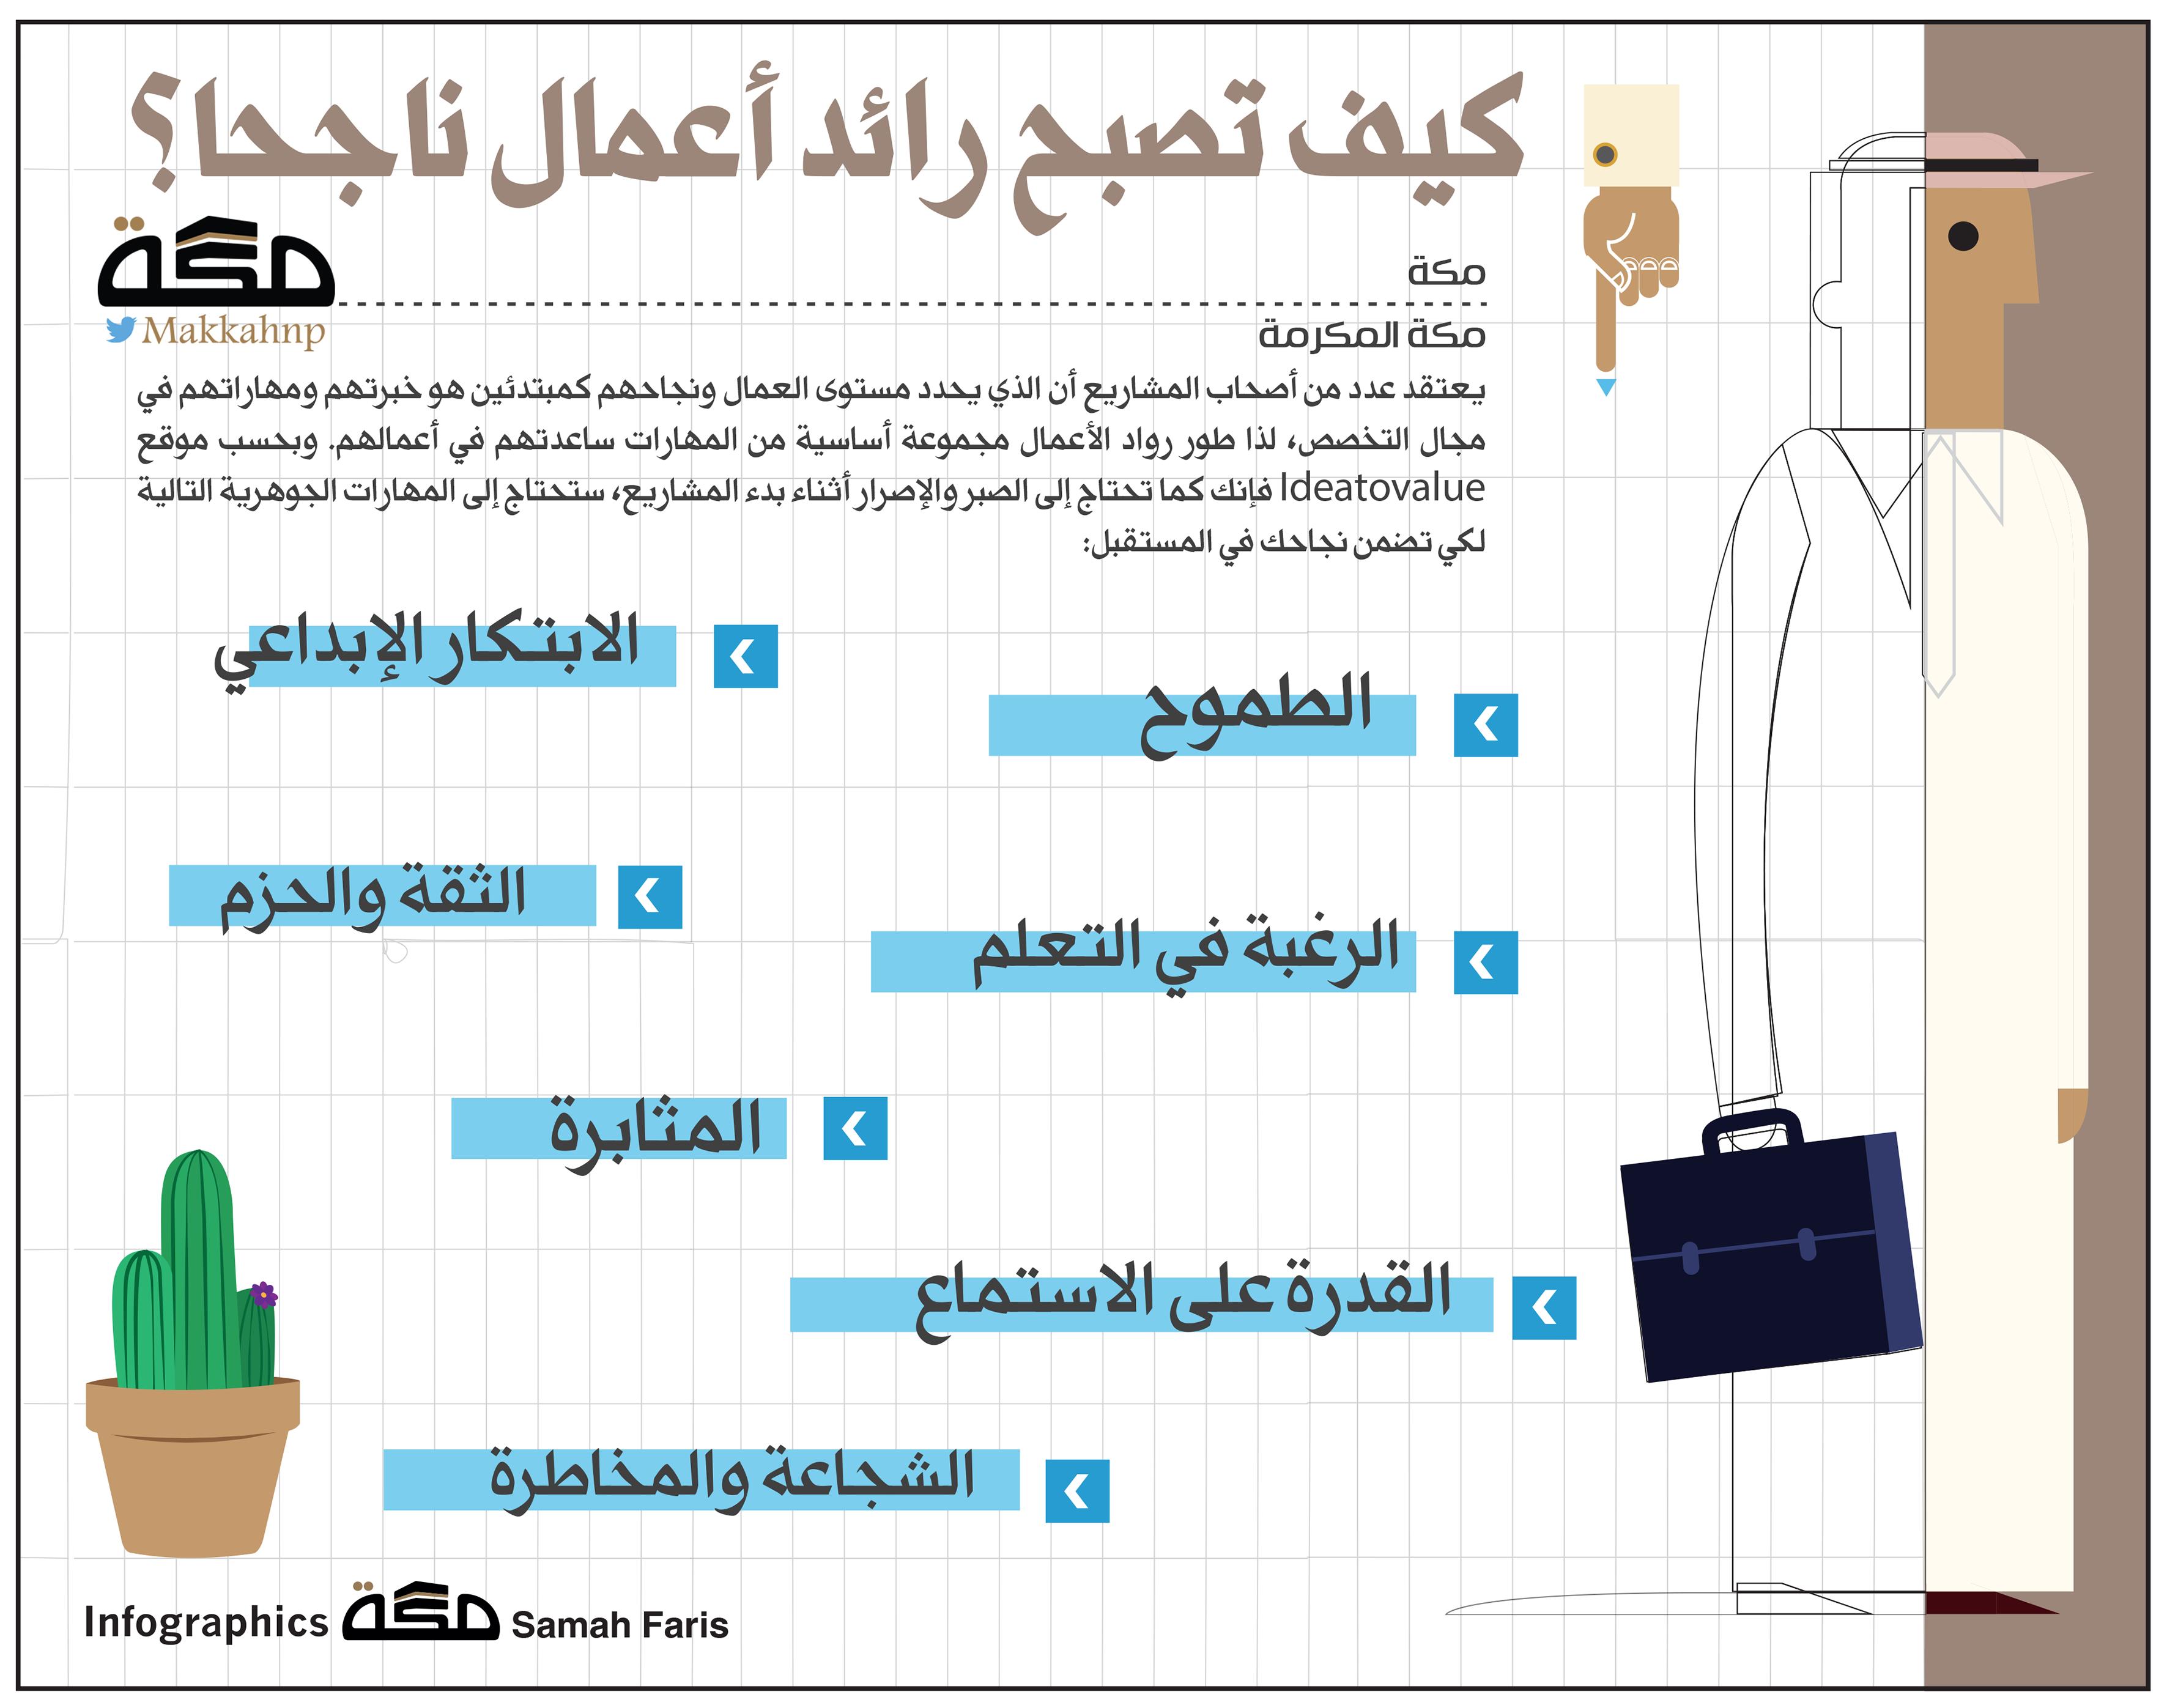 إنفوجرافيك كيف تصبح رائد أعمال ناجحا إنفوجرافيك Infographic جراف Graphic صحيفة مكة Infographic Asos